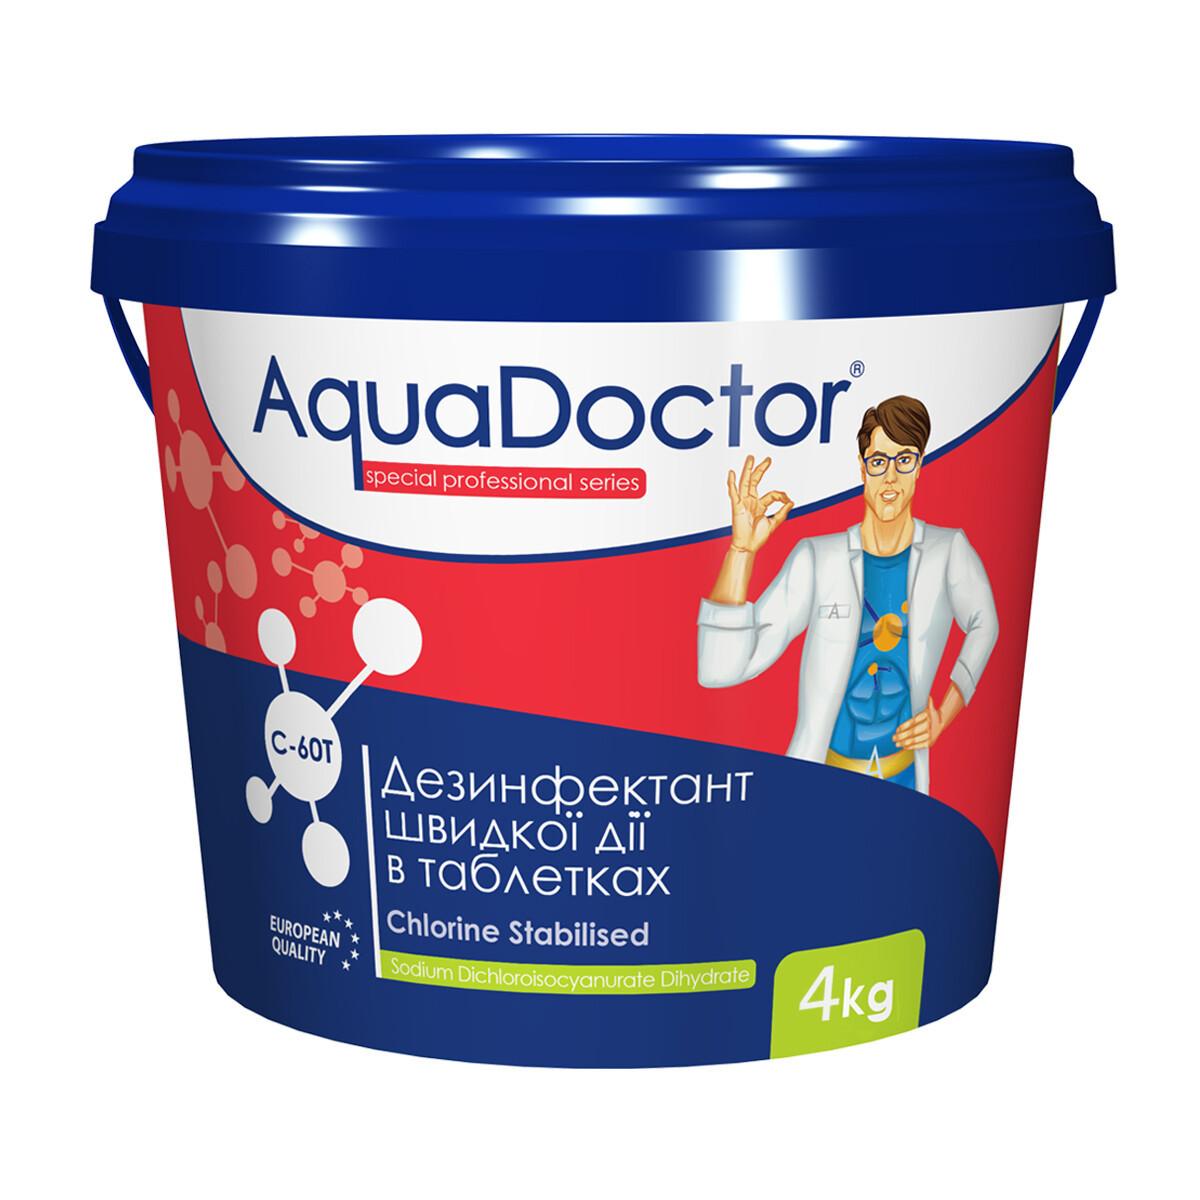 Засіб для дезінфекції води басейну хлор шок AquaDOCTOR (швидкий), 1 кг (в таблетках по 20 гр)